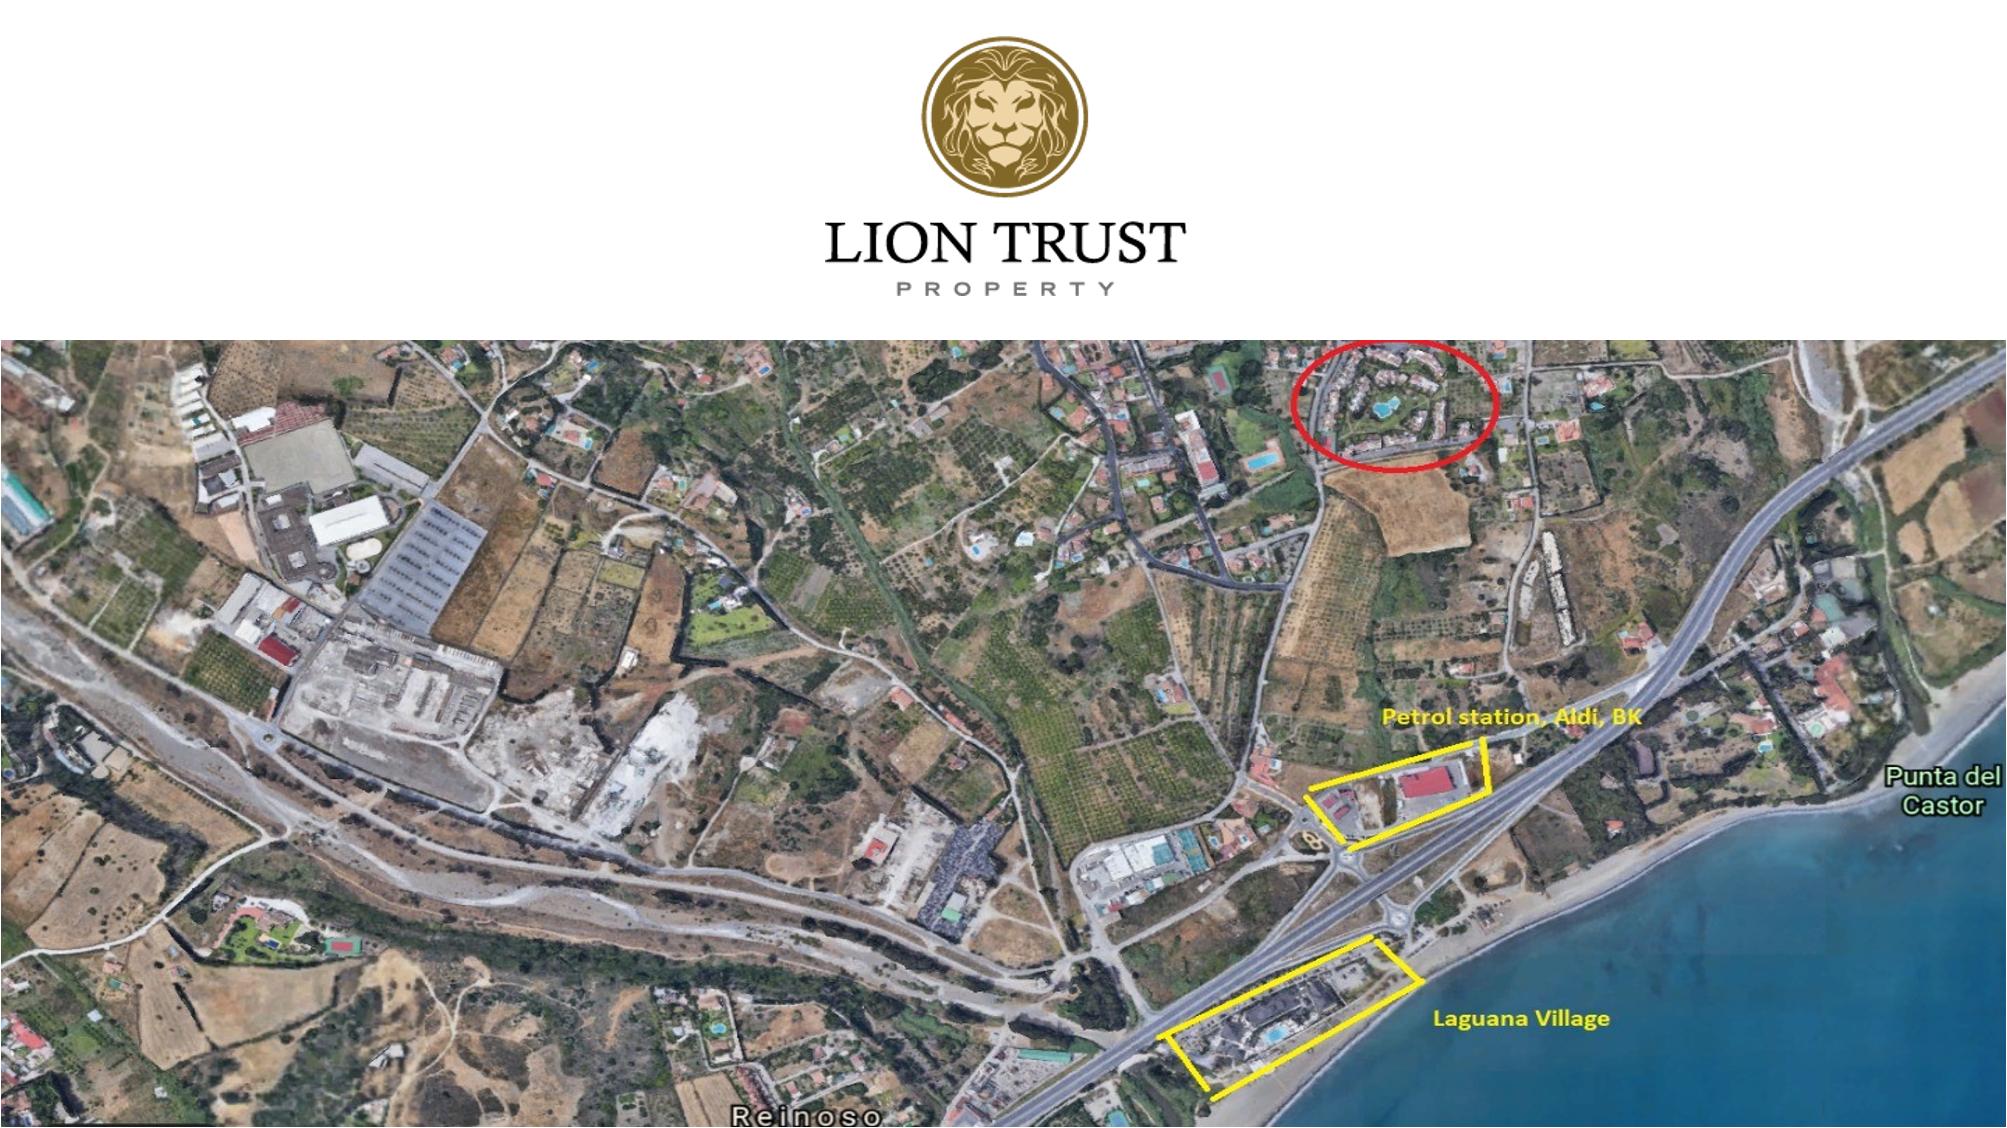 3a 1 - Lion Trust Spain